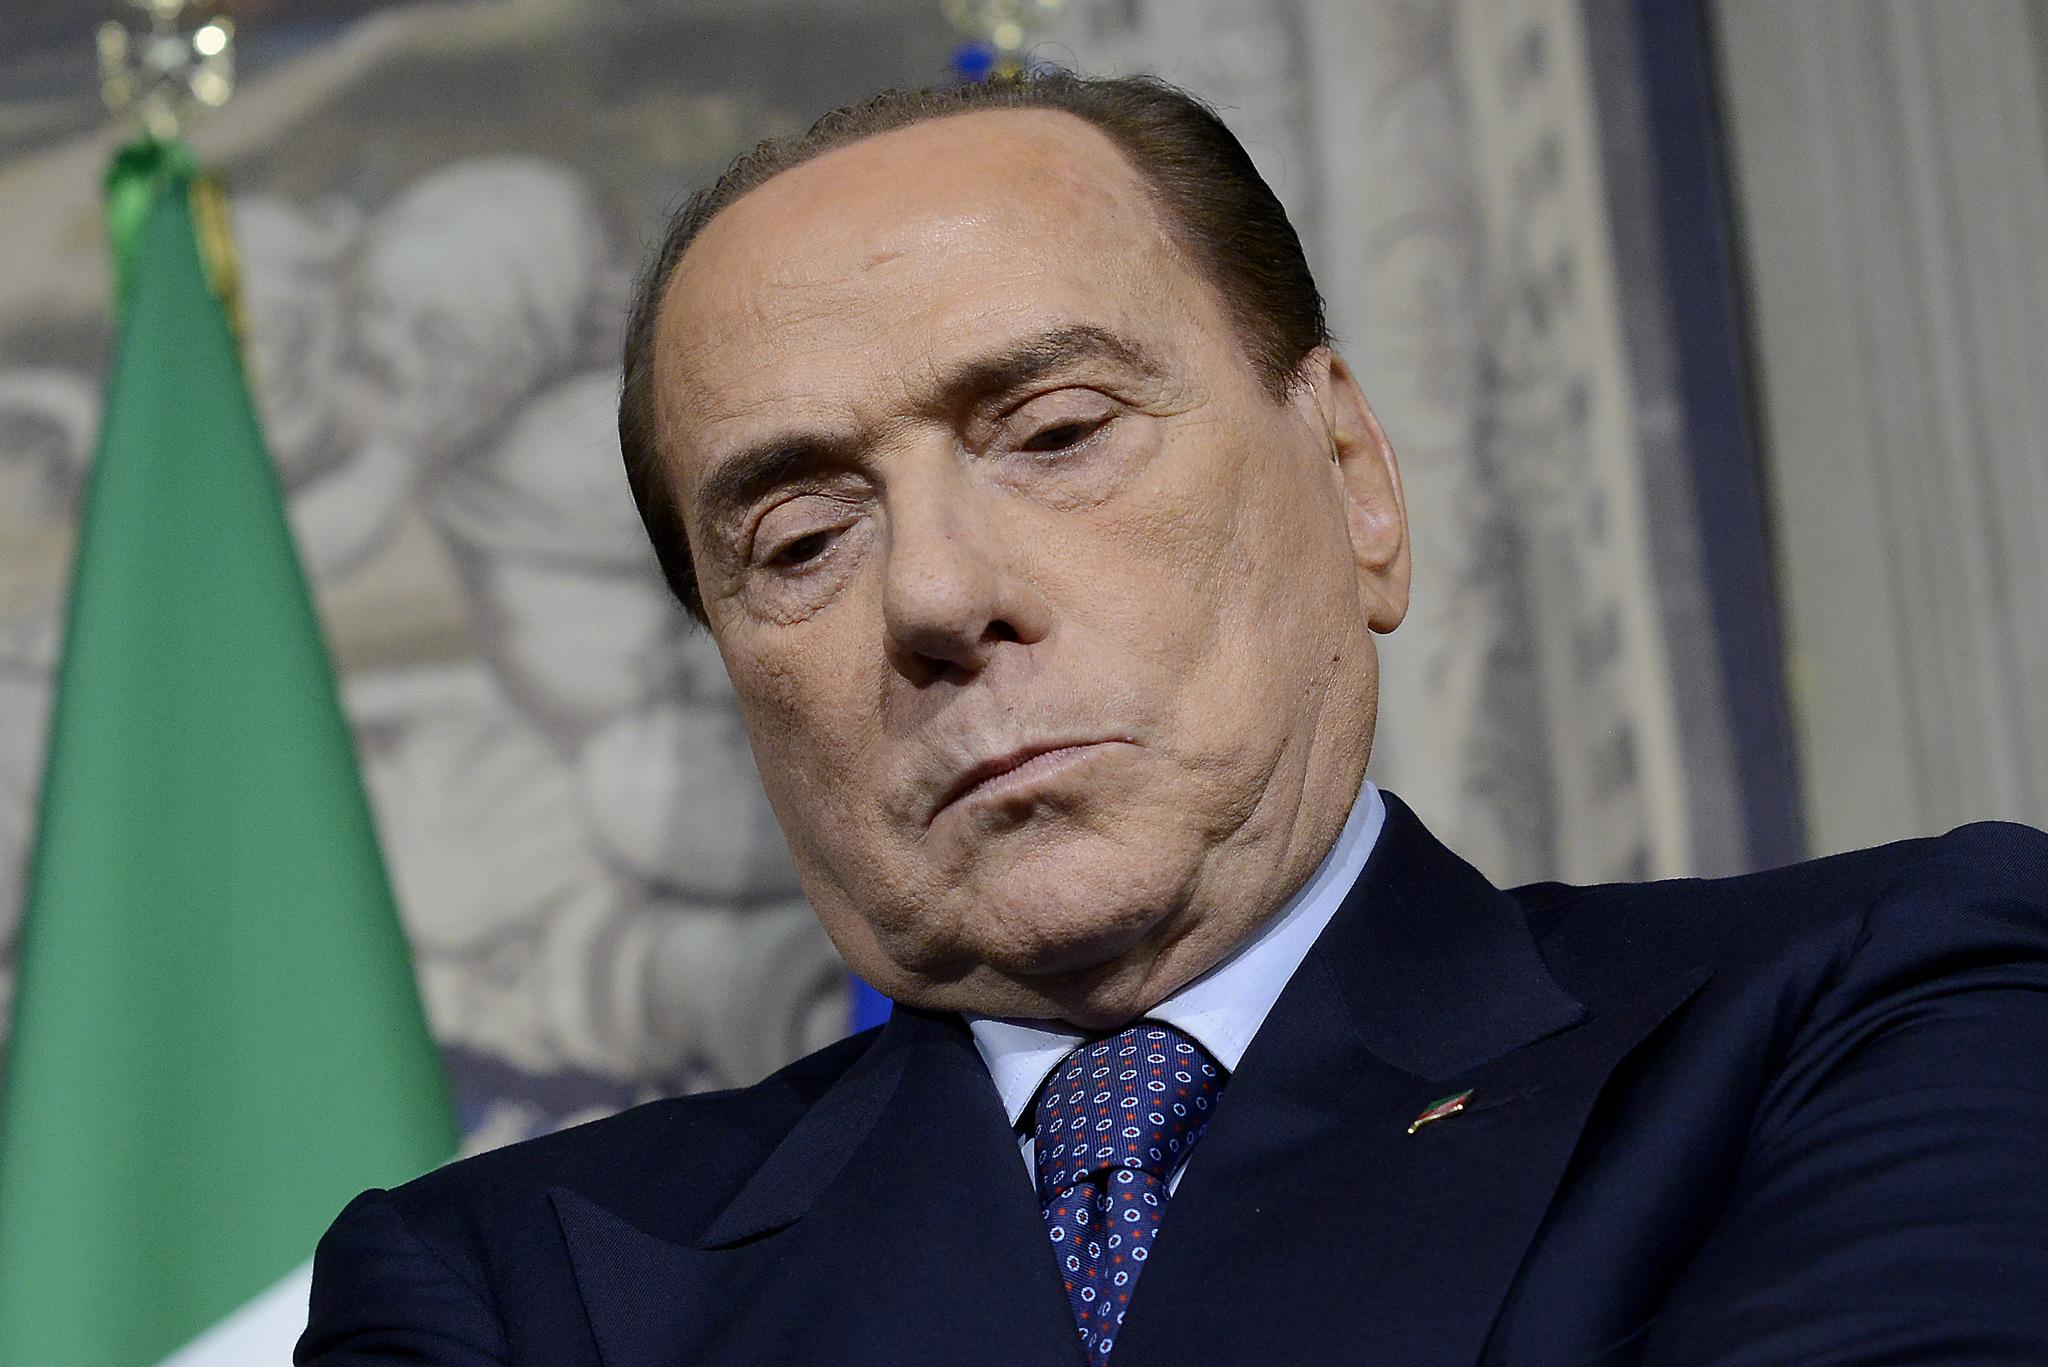 prostitutas italianas donald trump prostitutas